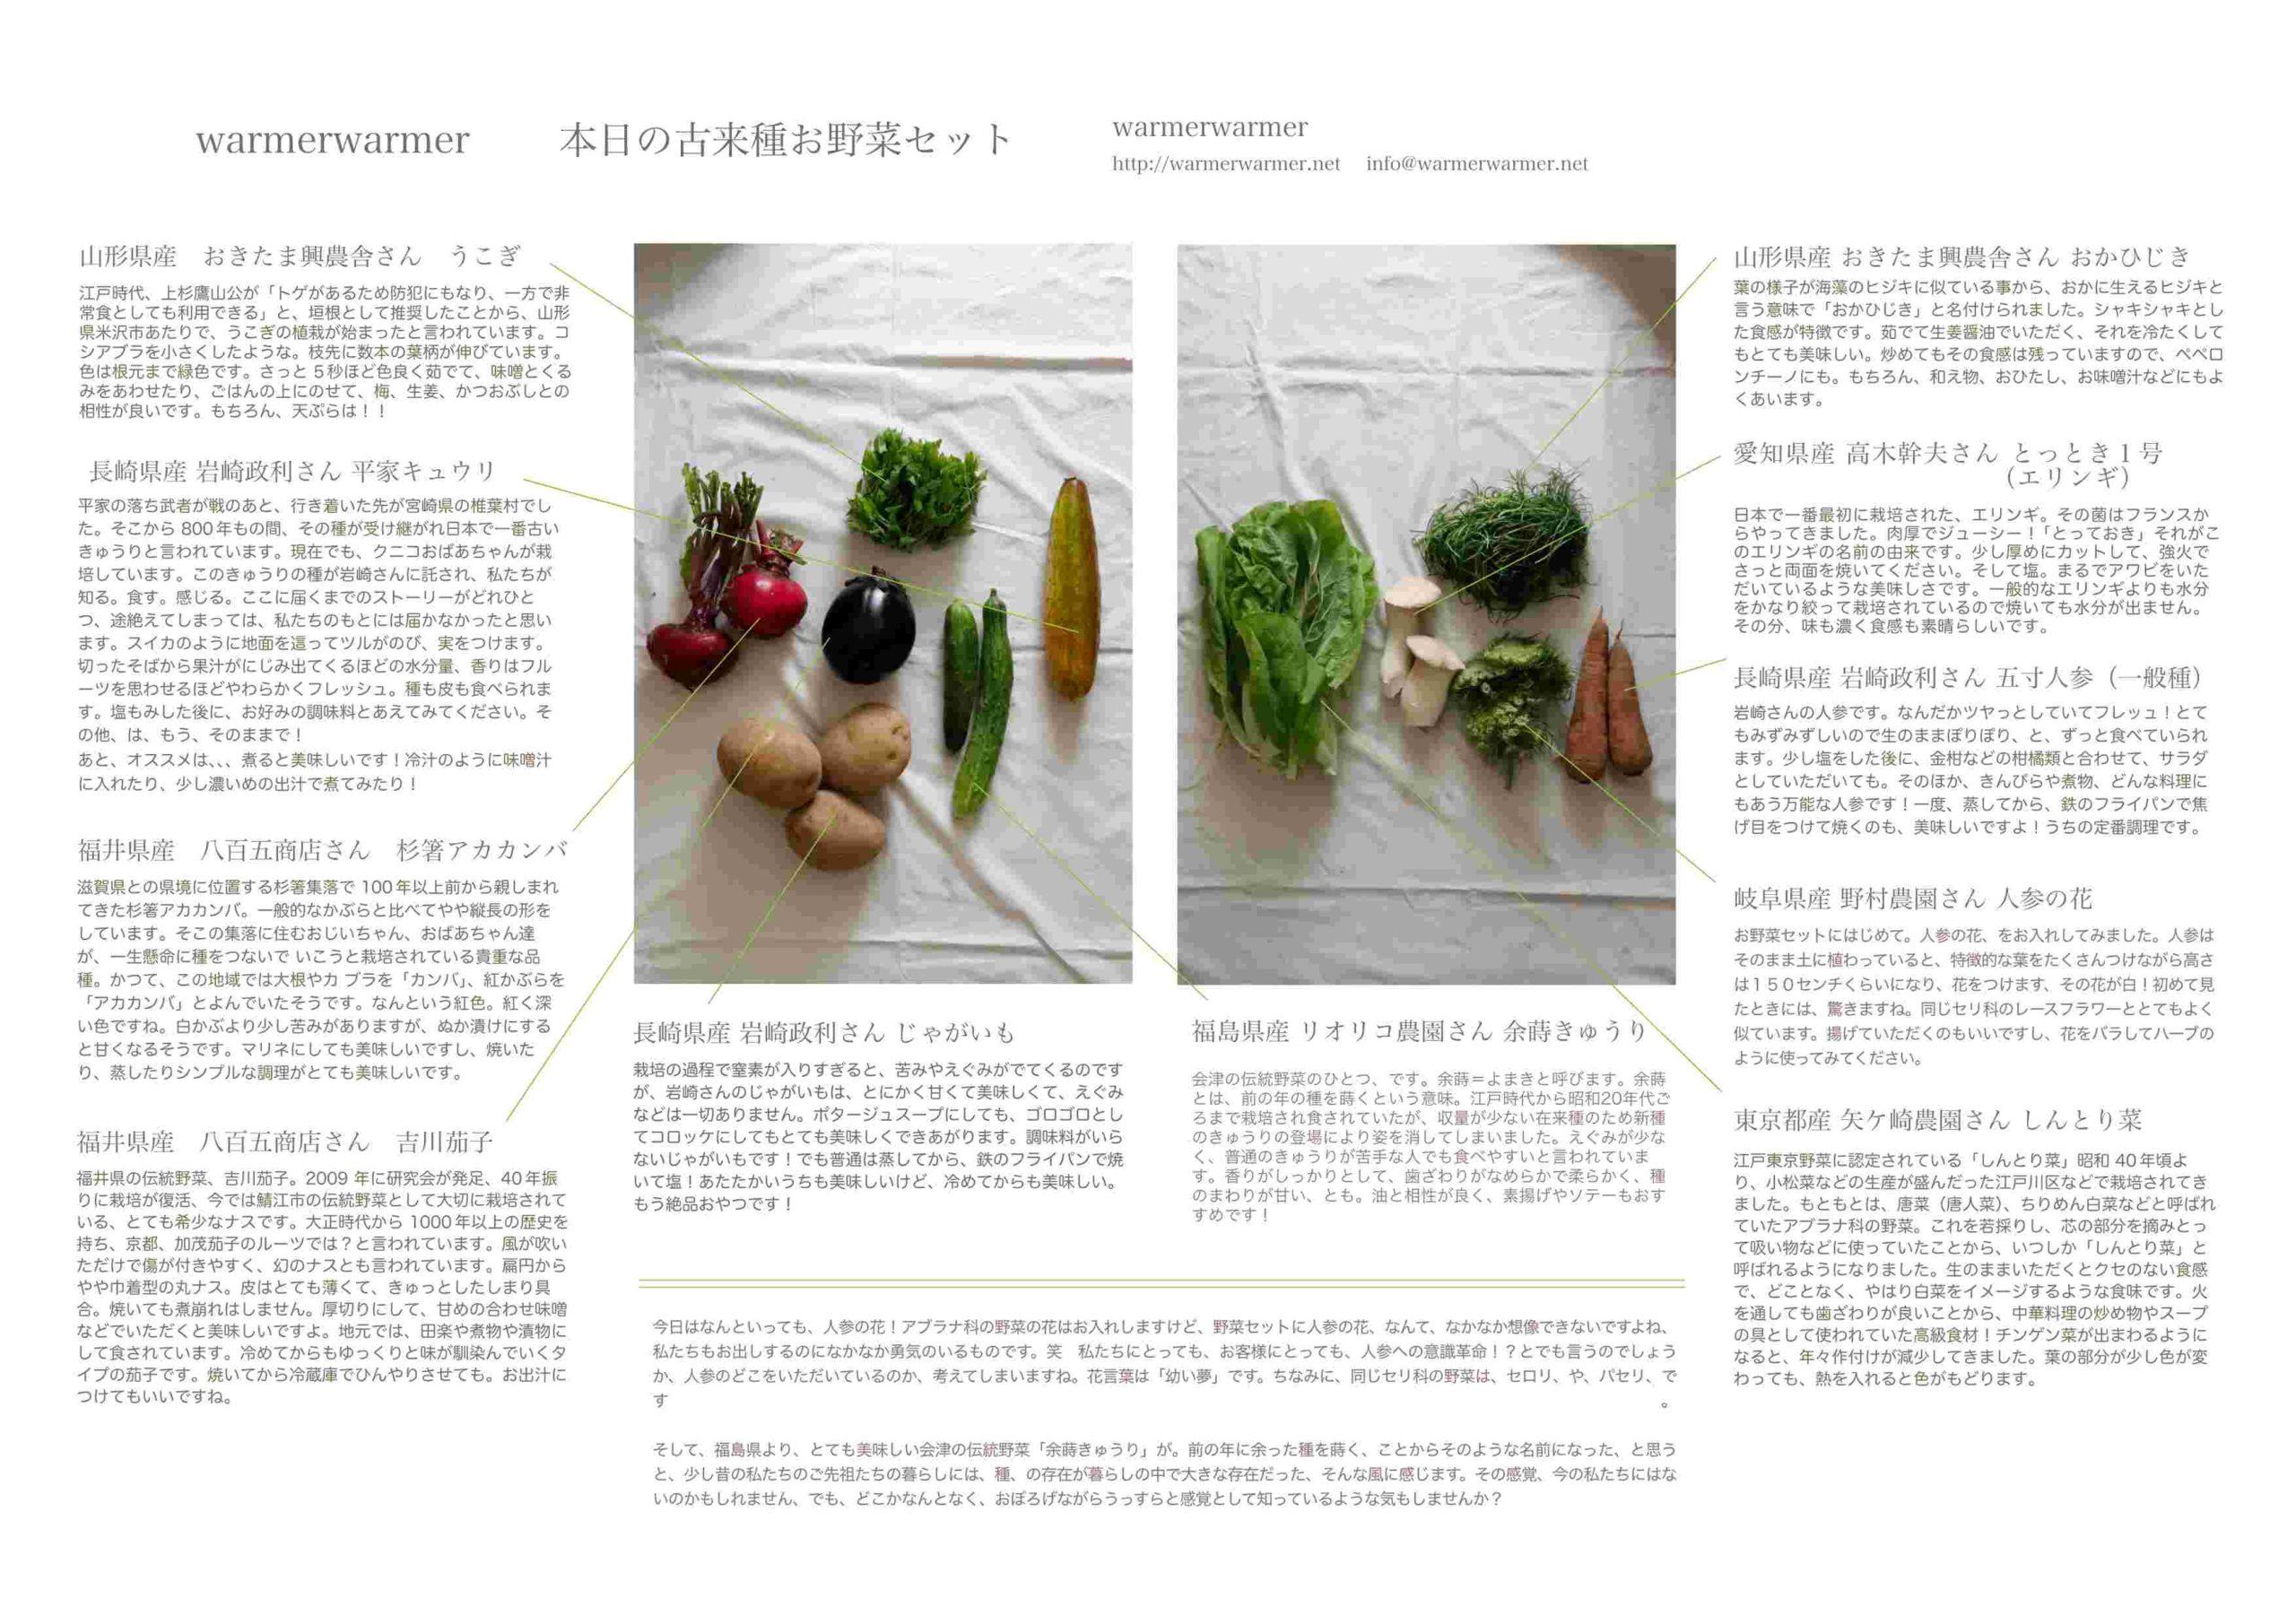 6月25日 本日のお野菜セットの内容です。